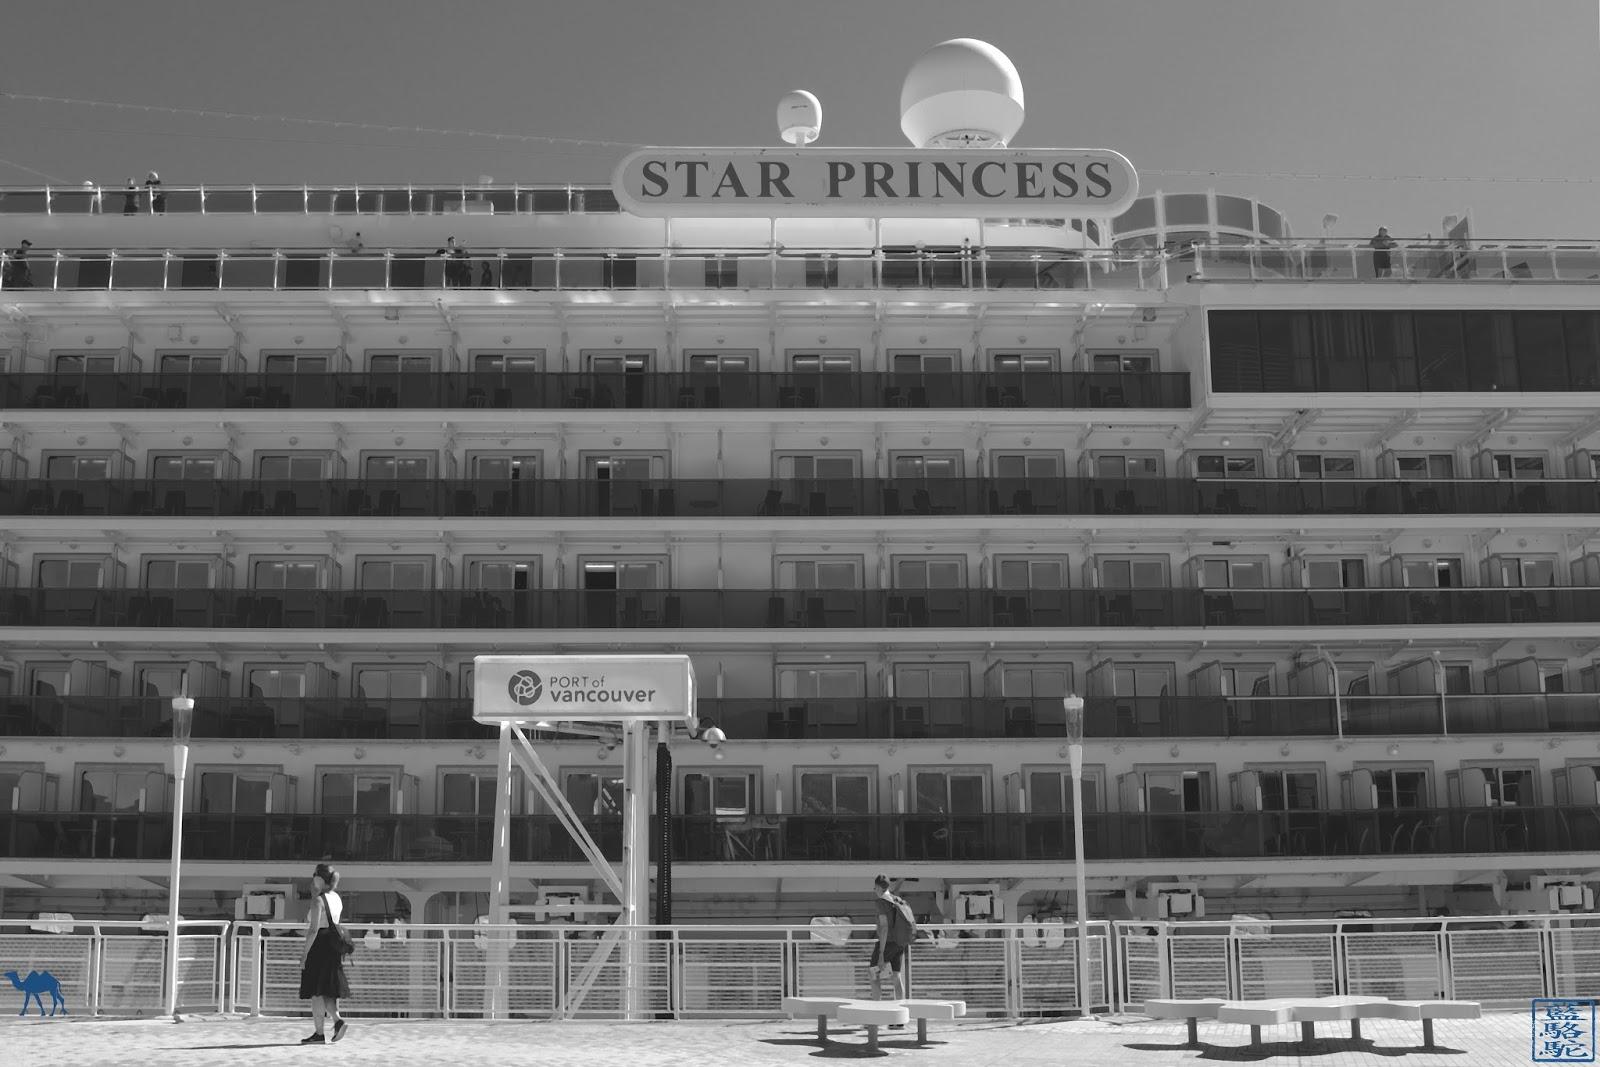 Le Chameau Bleu - Star princess - Vancouver